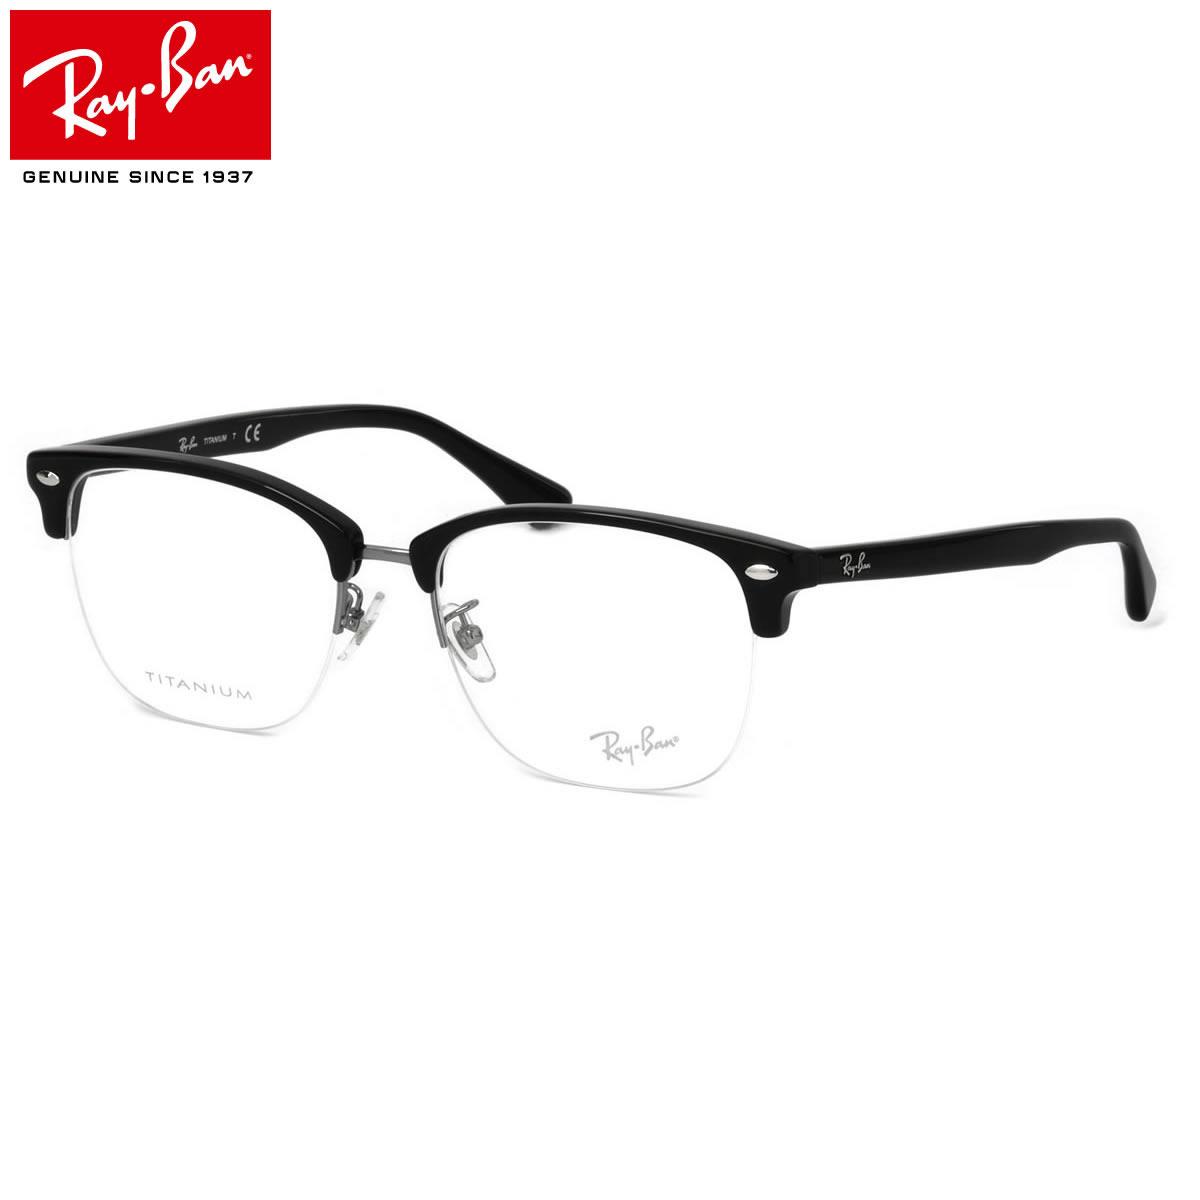 Ray-Ban レイバン メガネRX5357TD 5709 55サイズASIAN DESIGN TECH アジアンデザイン テック コンビネーション サーモントブロー ブロー スクエア ウェリントン レトロ クラシックレイバン RayBan メンズ レディース